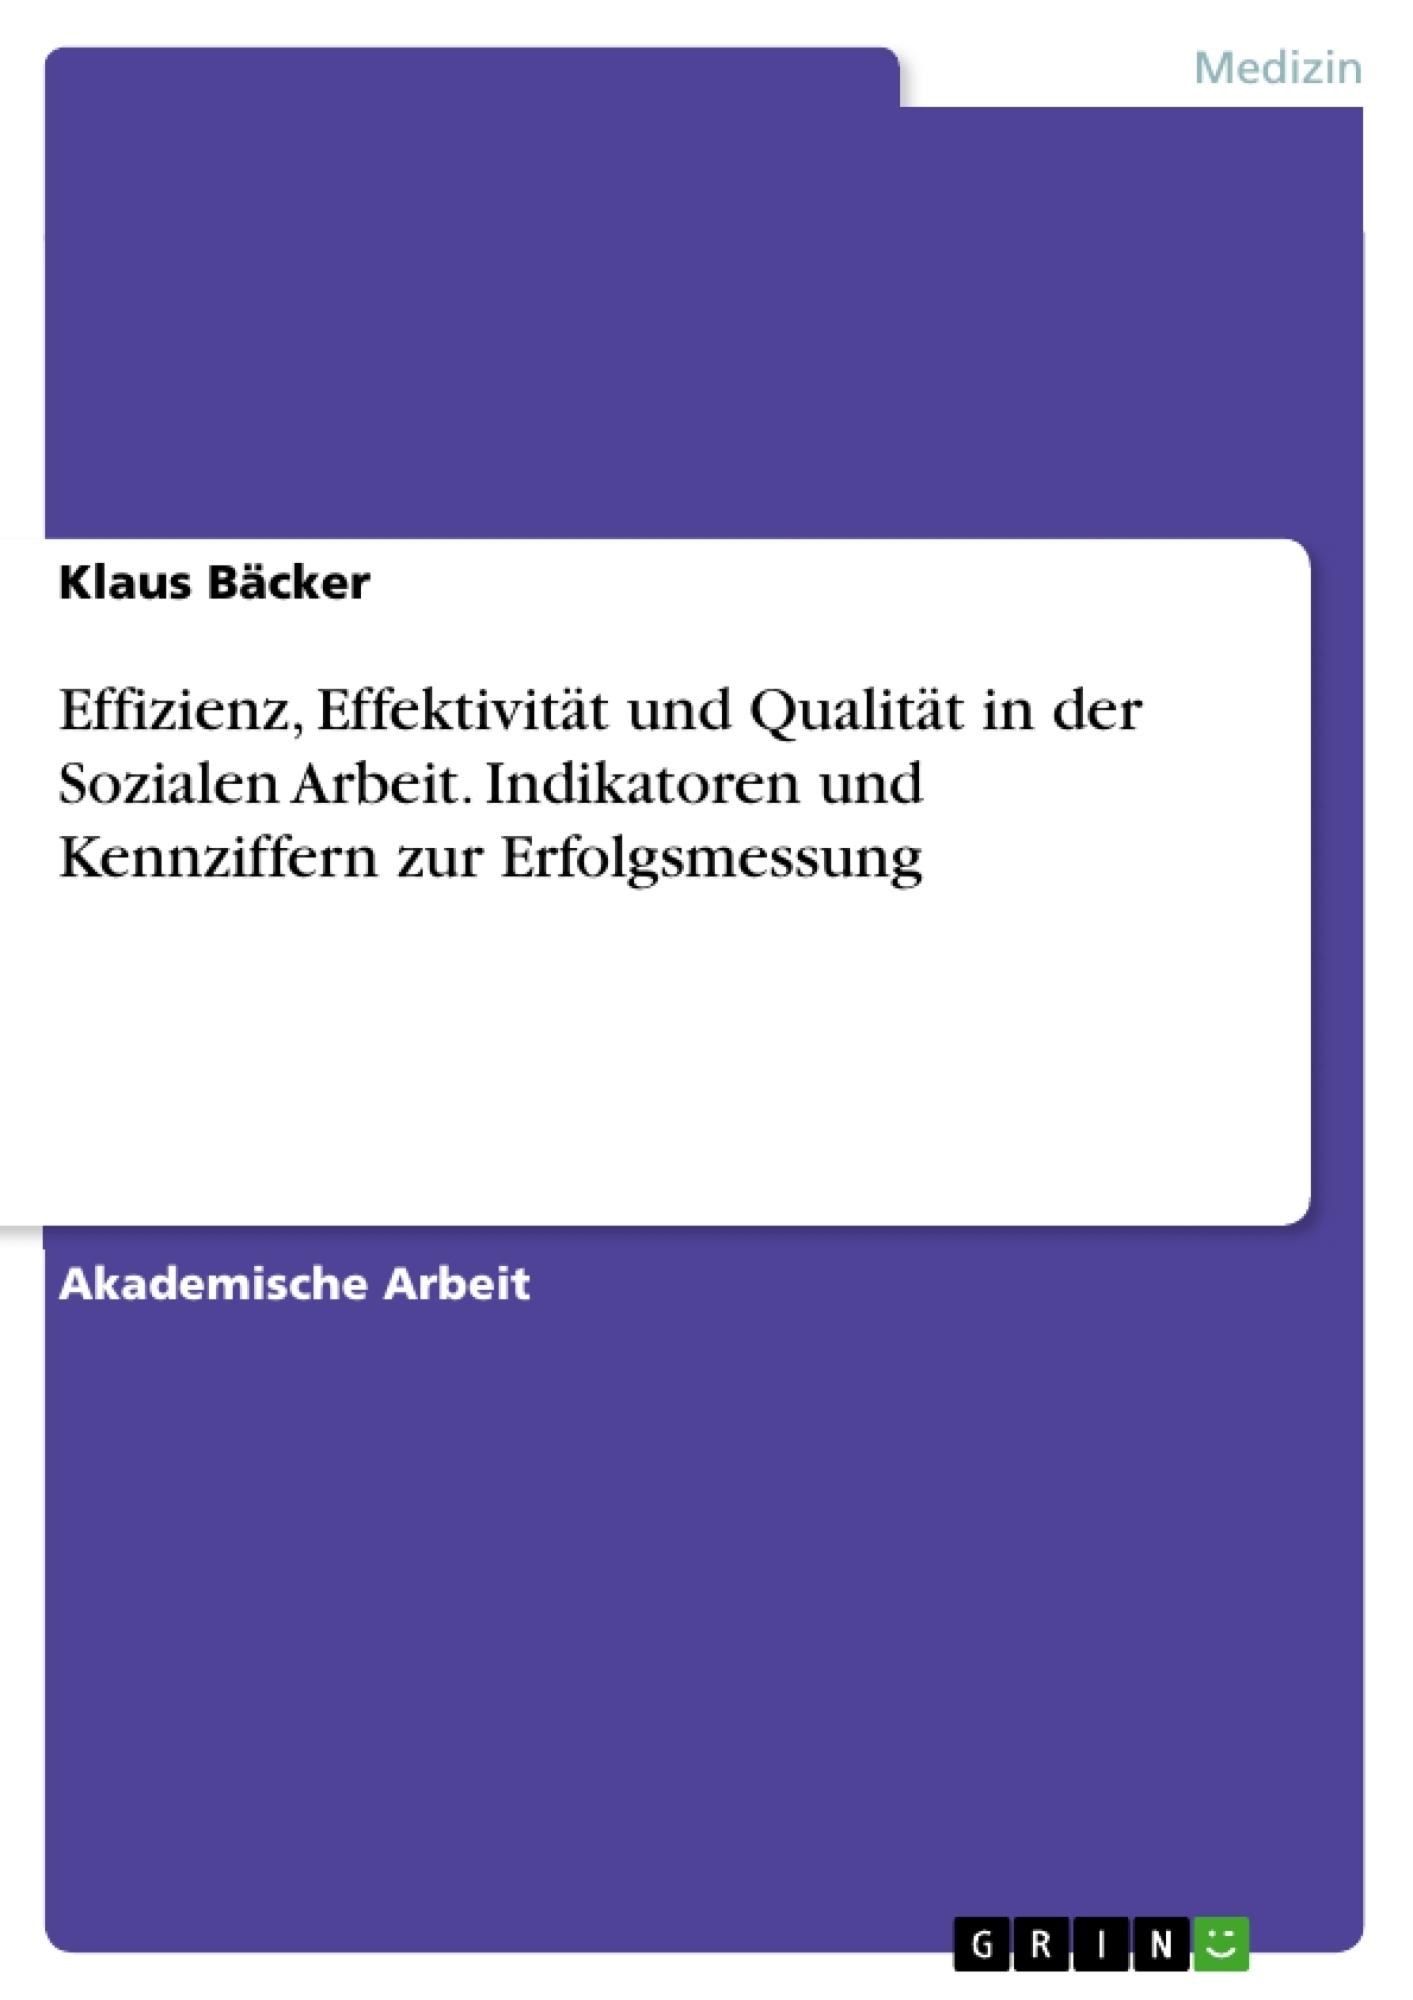 Titel: Effizienz, Effektivität und Qualität in der Sozialen Arbeit. Indikatoren und Kennziffern zur Erfolgsmessung